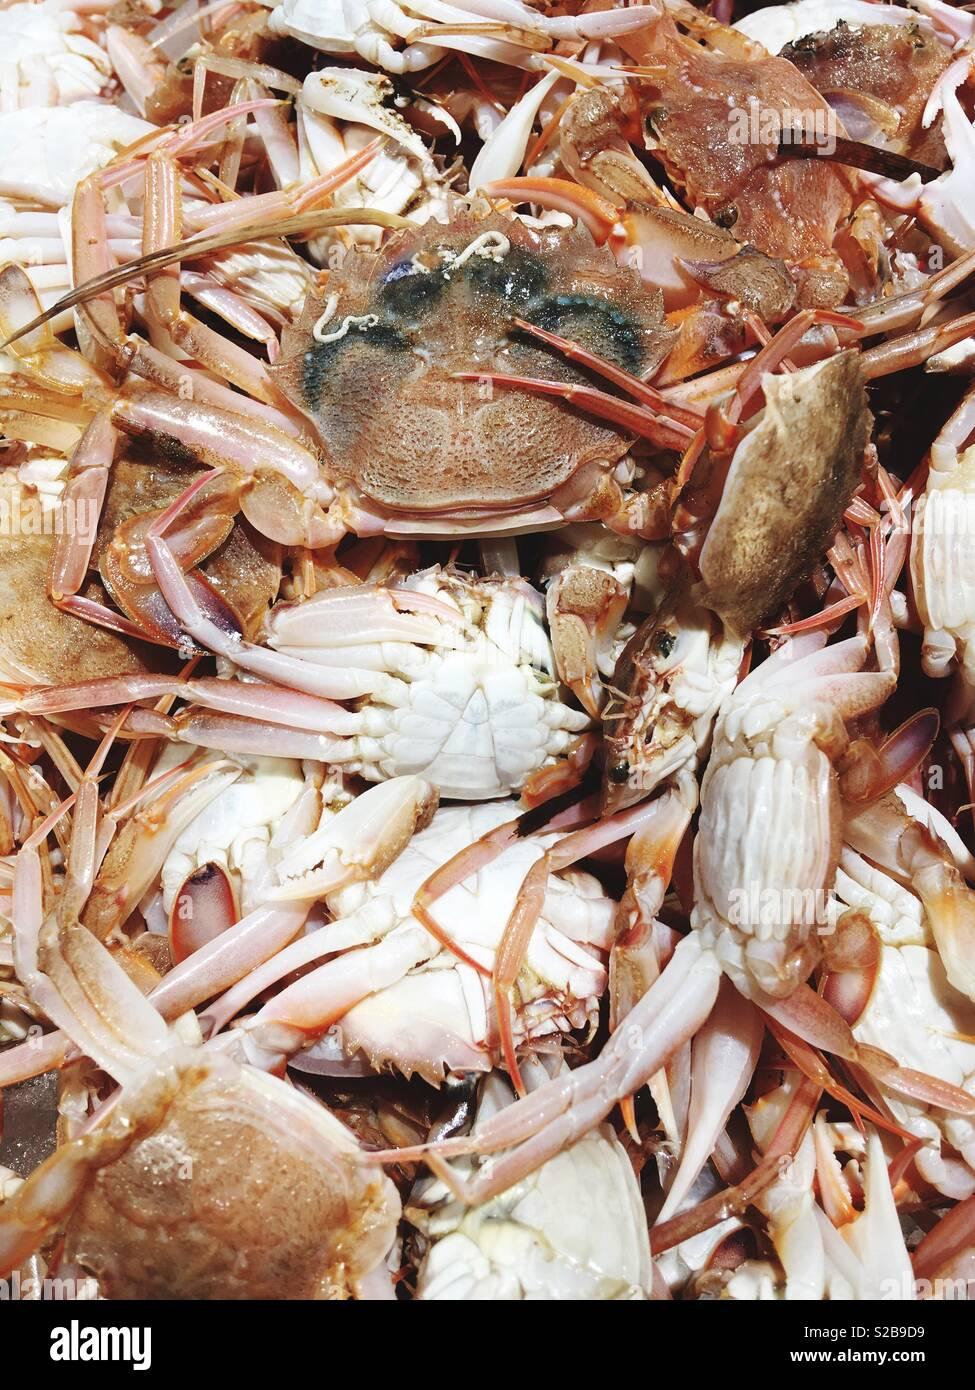 Les crabes sur l'affichage Photo Stock